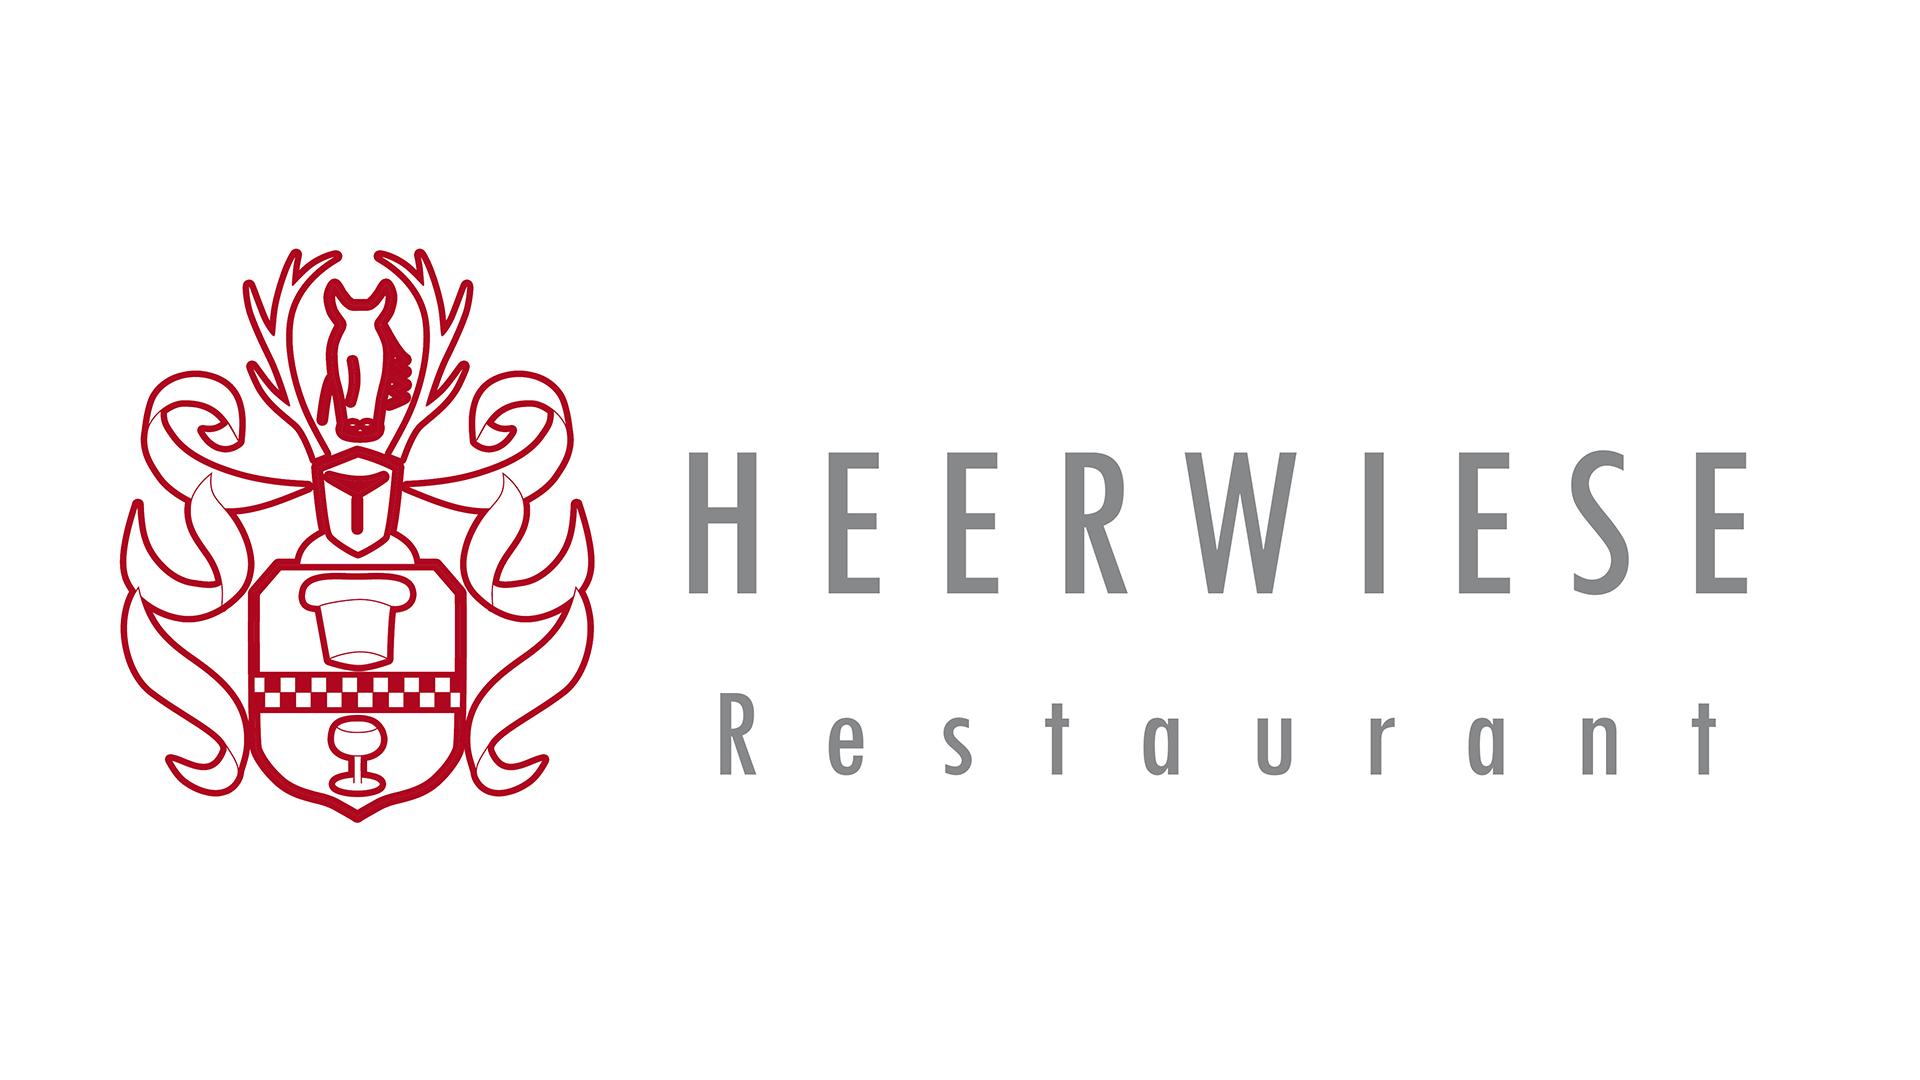 https://lightnings-football.de/wp-content/uploads/2021/01/1920Logo-Restaurant-Heerwiese-Ver.2-quer.jpg